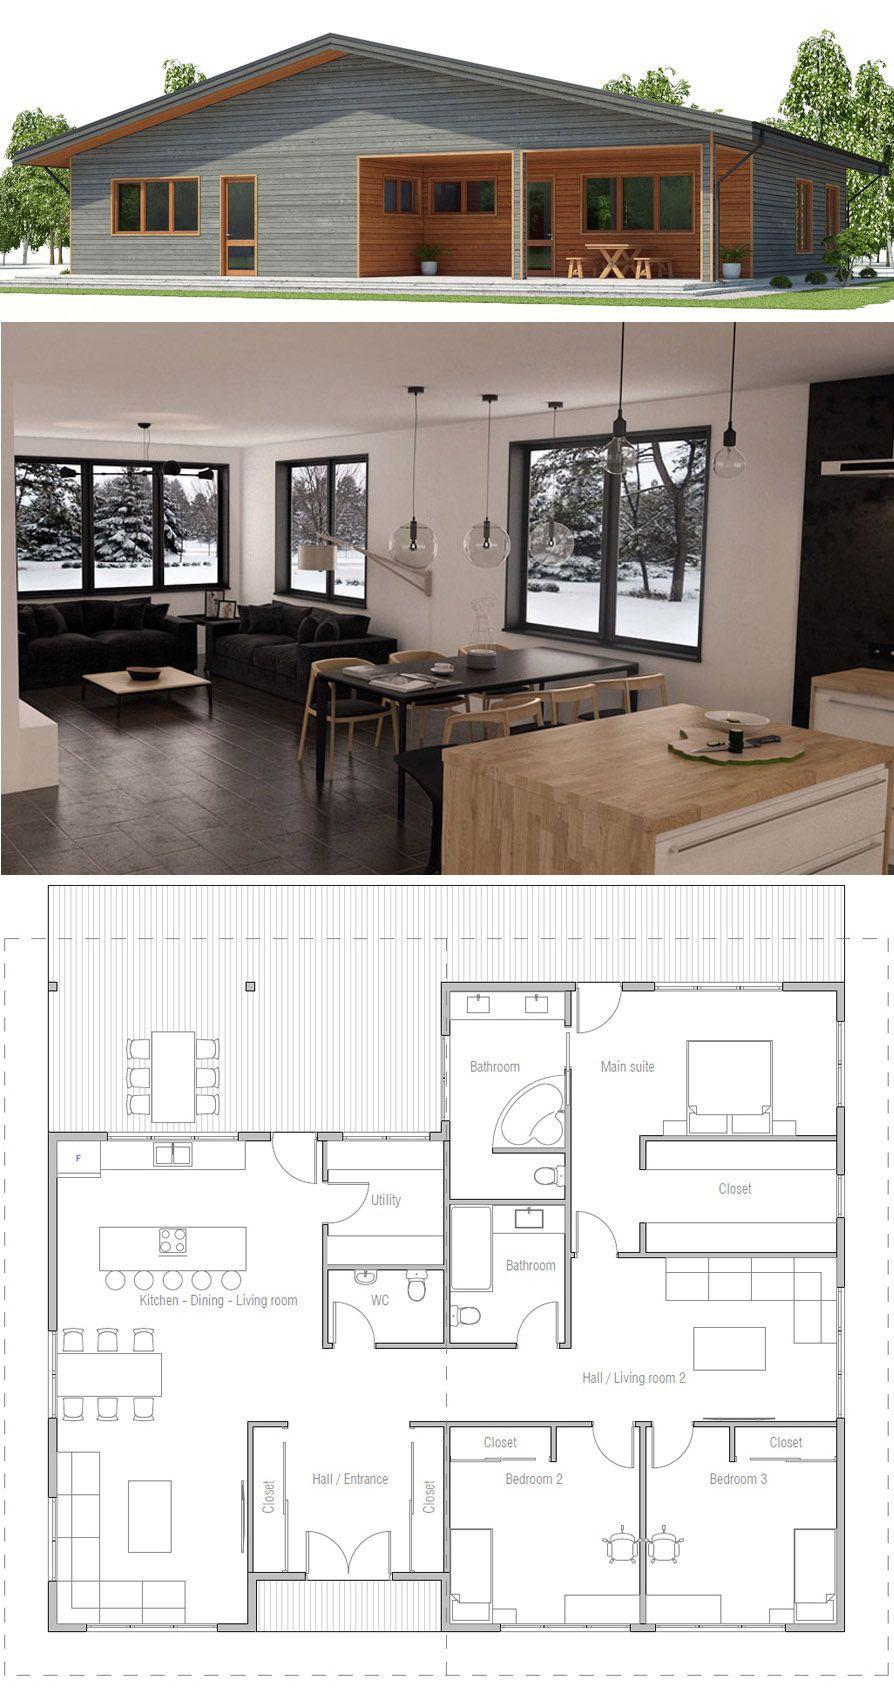 Architecture Home Plans House Plans Architecture Homedecor House Blueprints Dream House Plans Architecture House